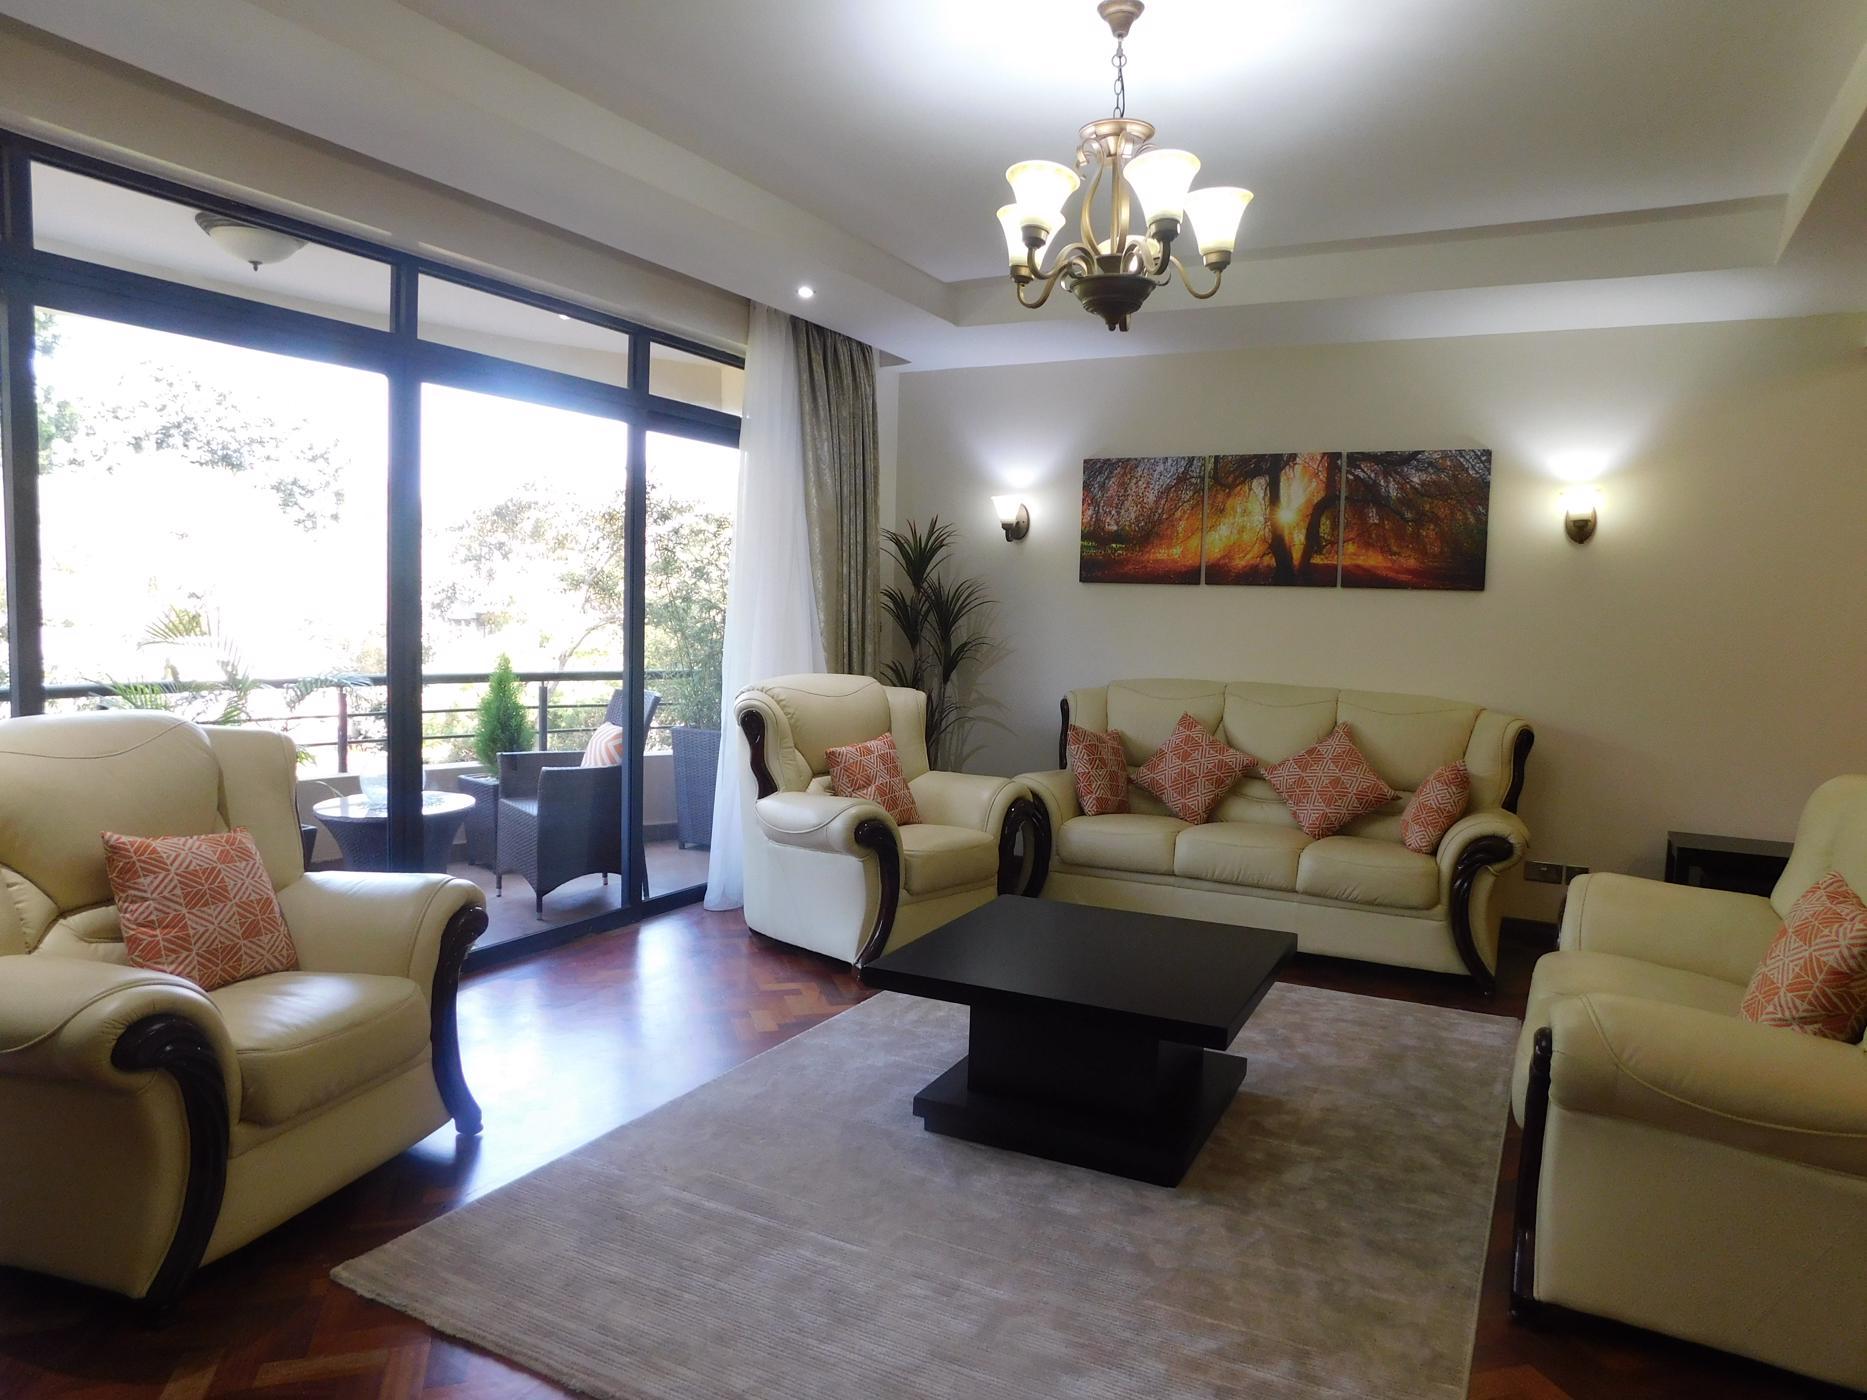 3 bedroom apartment to rent in Riverside (Kenya)